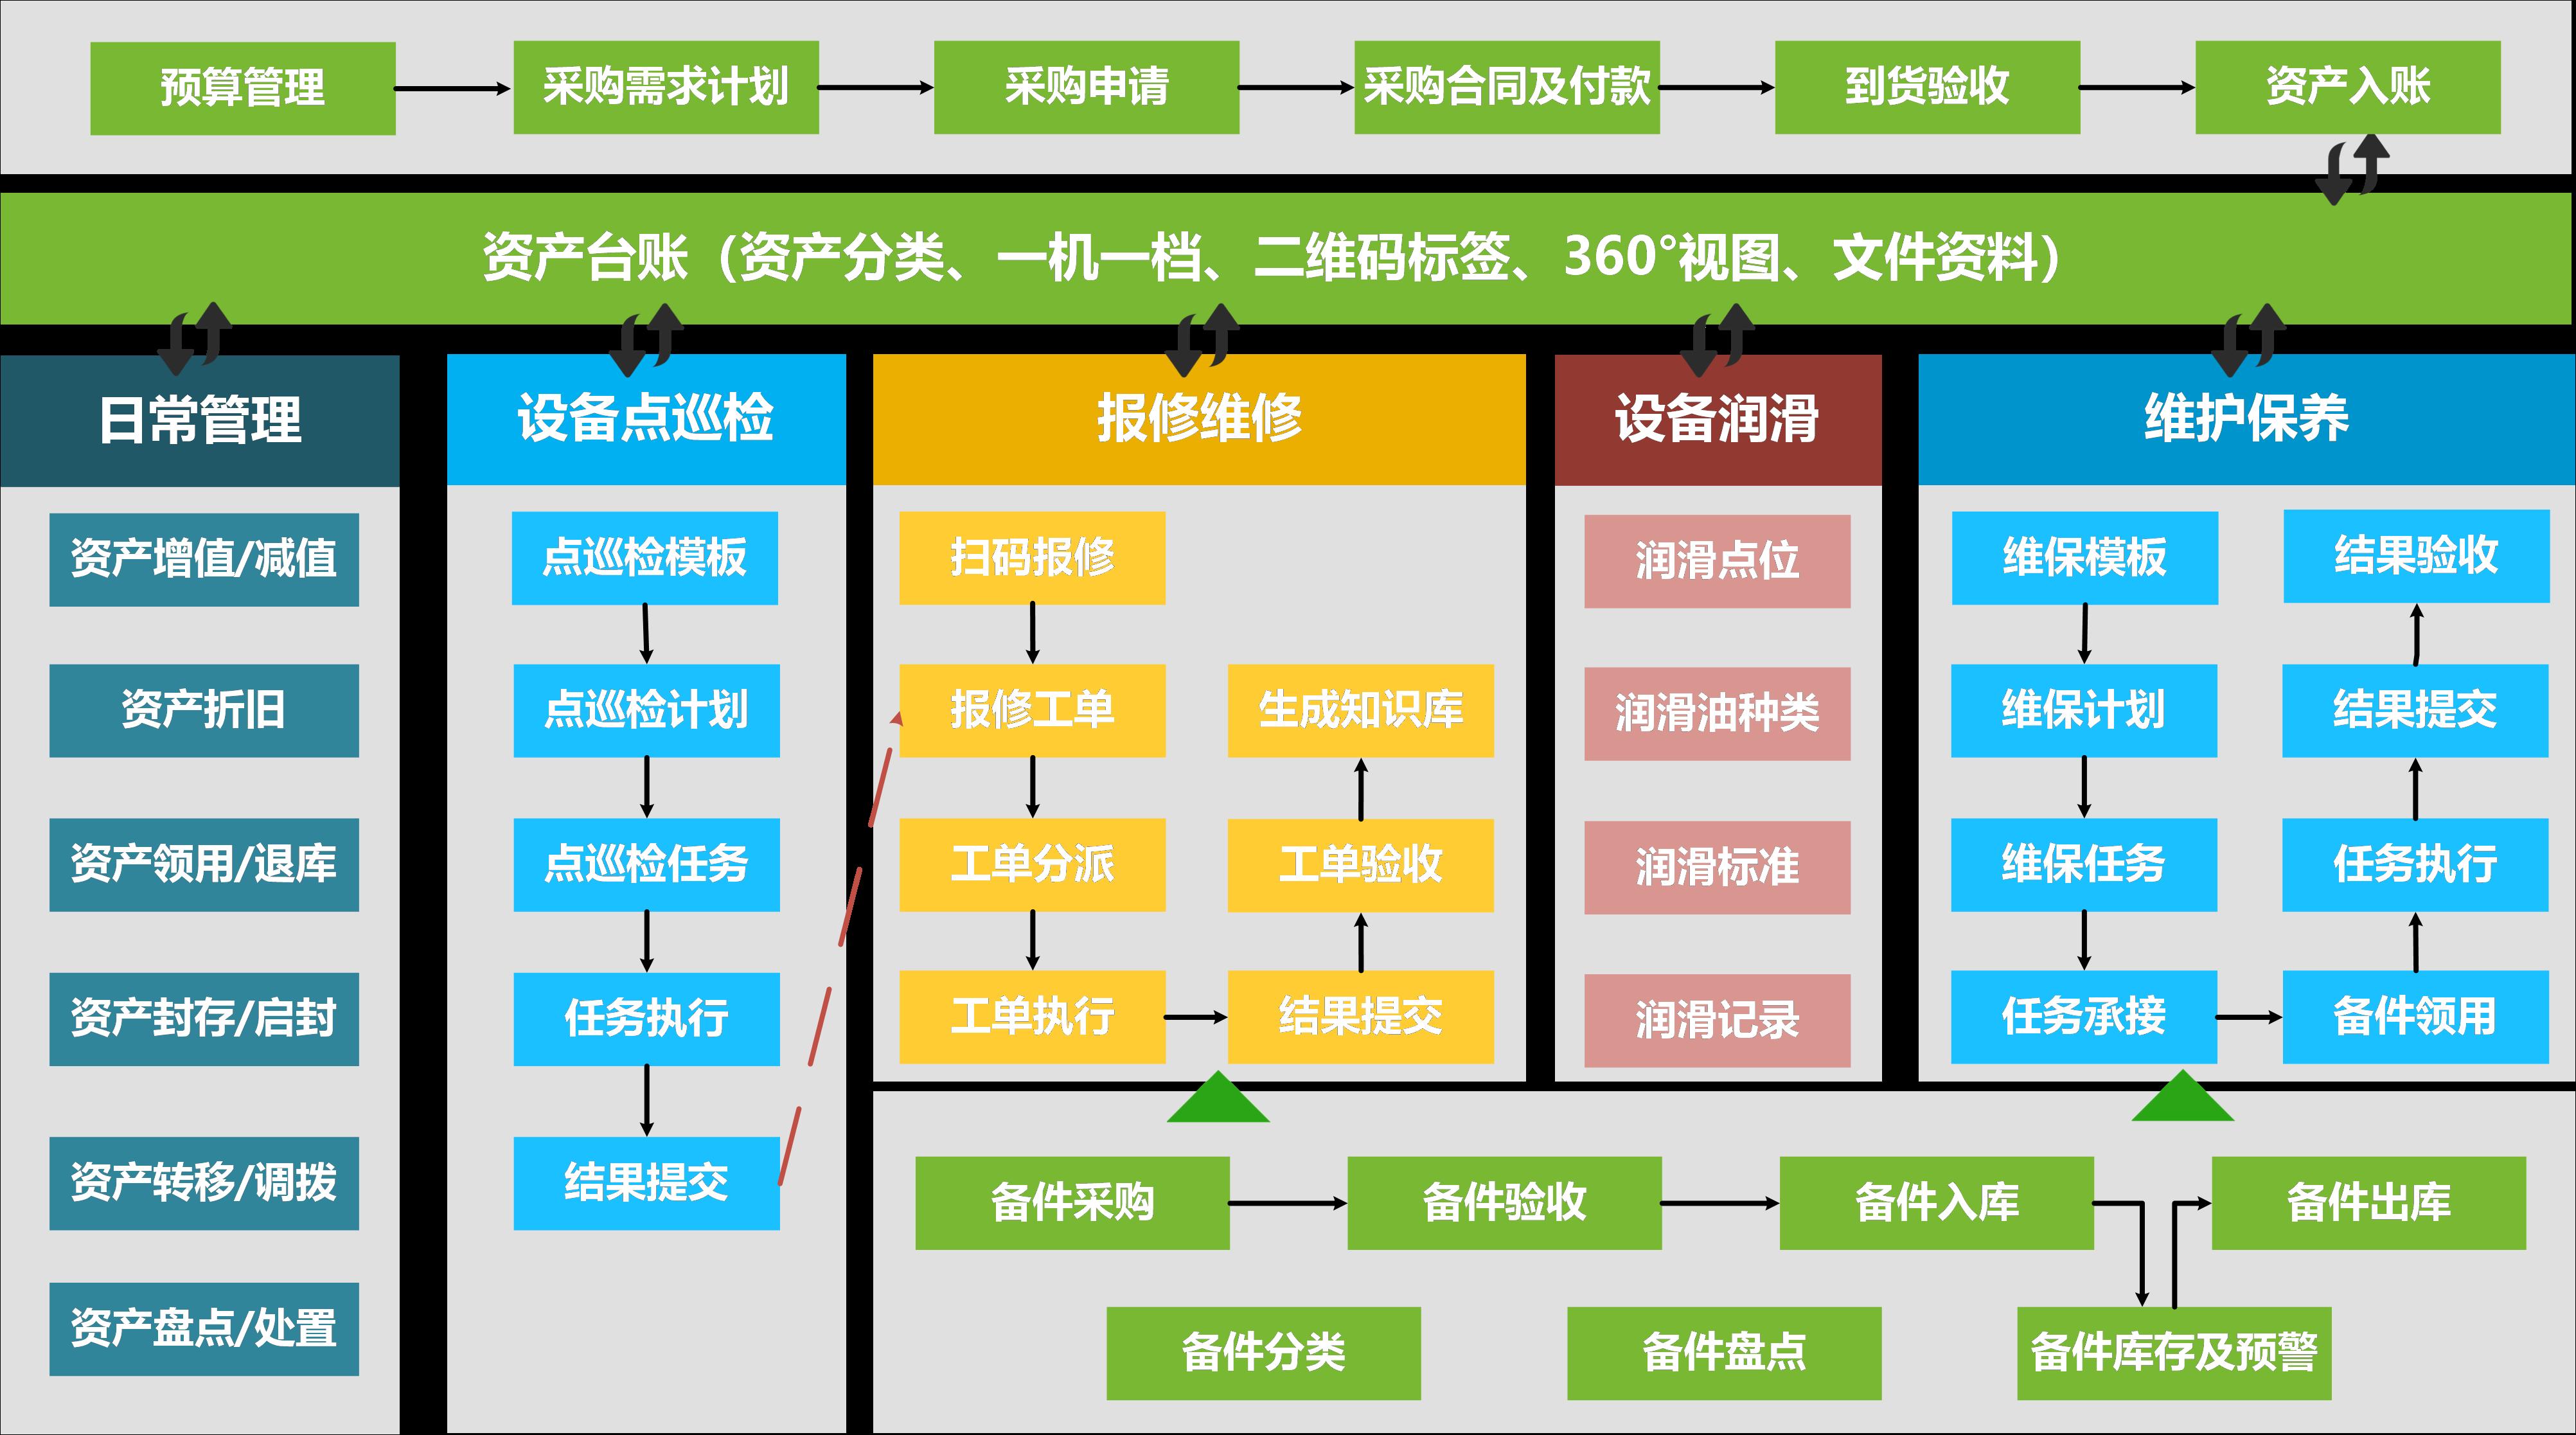 设备管理系统业务流程图